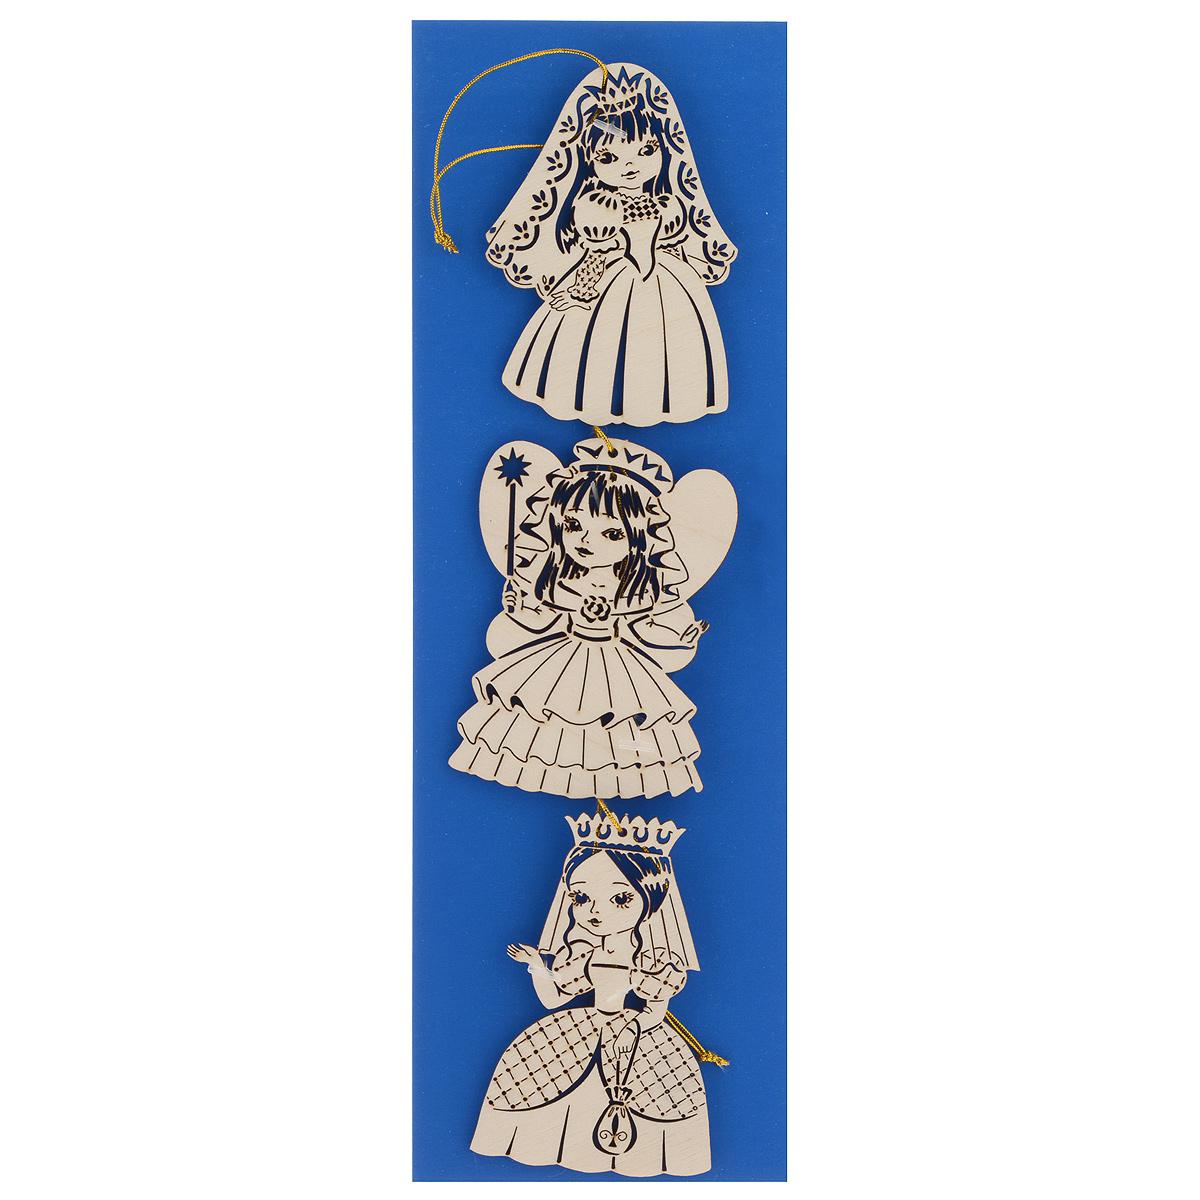 Набор новогодних подвесных украшений Принцессы 3, 3 предмета68/7/3Набор Принцессы 3 состоит из 3 подвесных украшений, выполненных из экологичного шпона ценных пород древесины с применением лазерной резки. Оригинальные новогодние украшения в виде принцесс прекрасно подойдут для праздничного декора дома и новогодней ели. С помощью специальной петельки их можно повесить в любом понравившемся вам месте. Но, конечно, удачнее всего такие игрушки будут смотреться на праздничной елке. Елочная игрушка - символ Нового года и Рождества. Она несет в себе волшебство и красоту праздника. Создайте в своем доме атмосферу веселья и радости, украшая новогоднюю елку нарядными игрушками, которые будут из года в год накапливать теплоту воспоминаний. Средний размер украшения: 6,5 см х 9 см х 0,4 см.